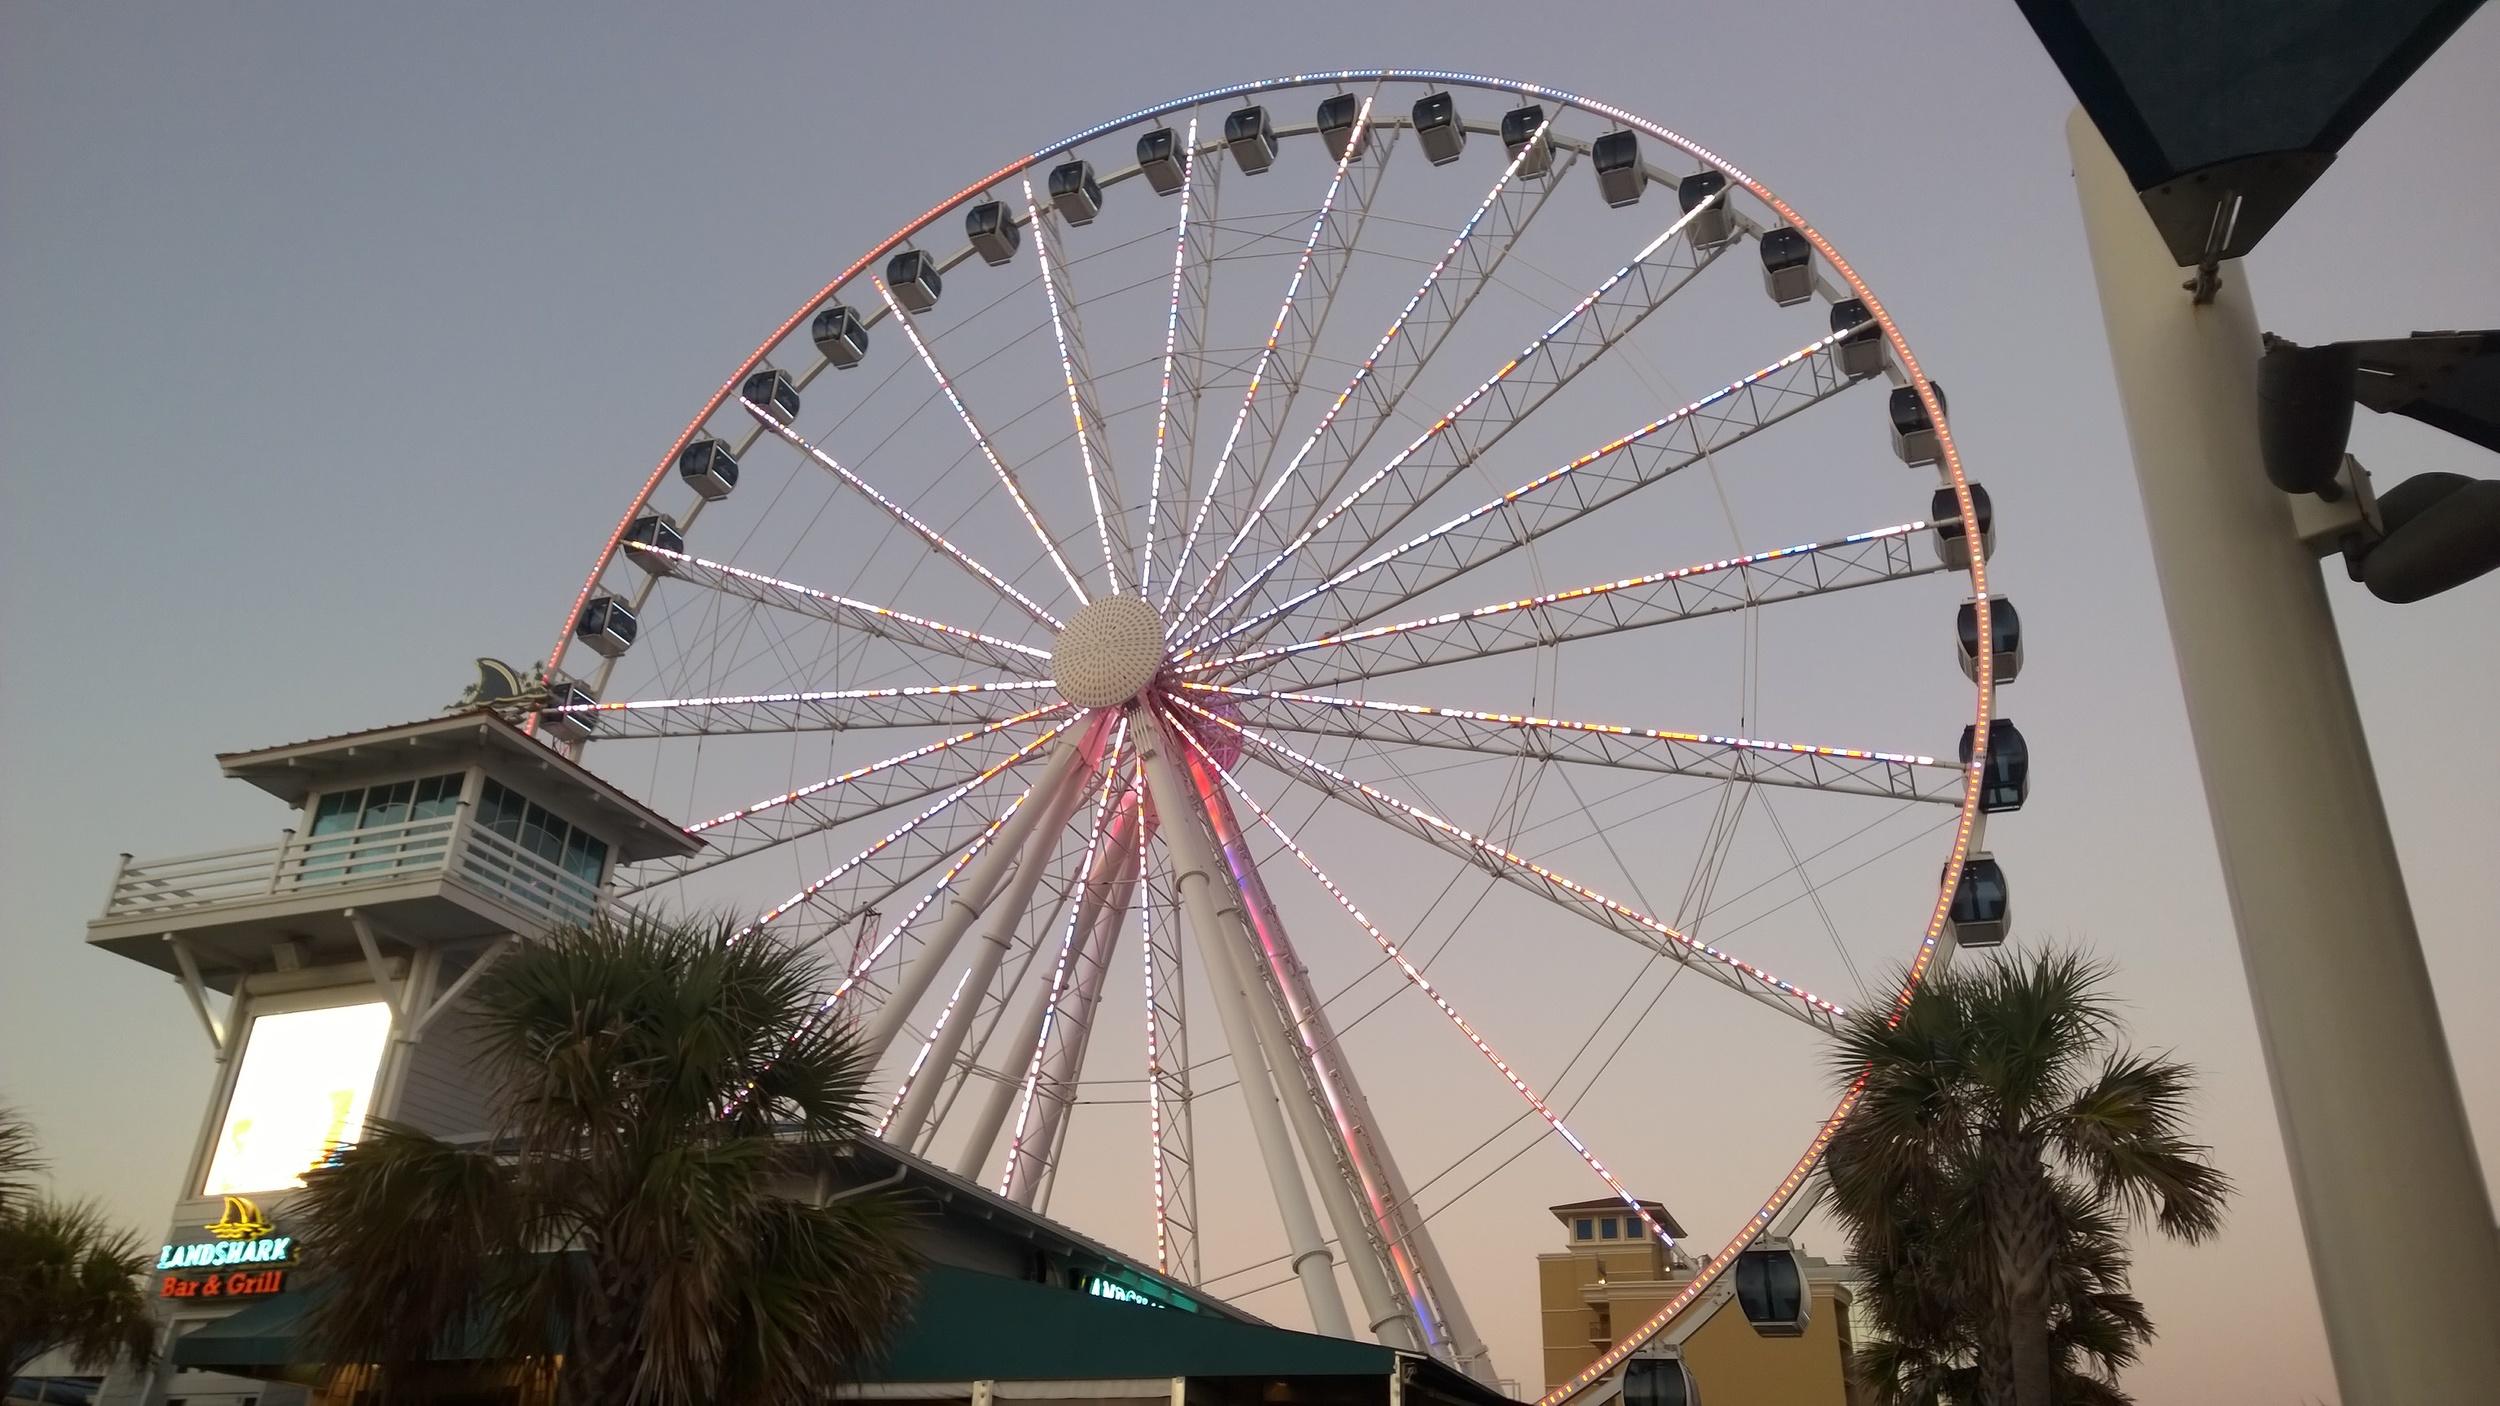 Sky Wheel on the Board Walk, Myrtle Beach SC